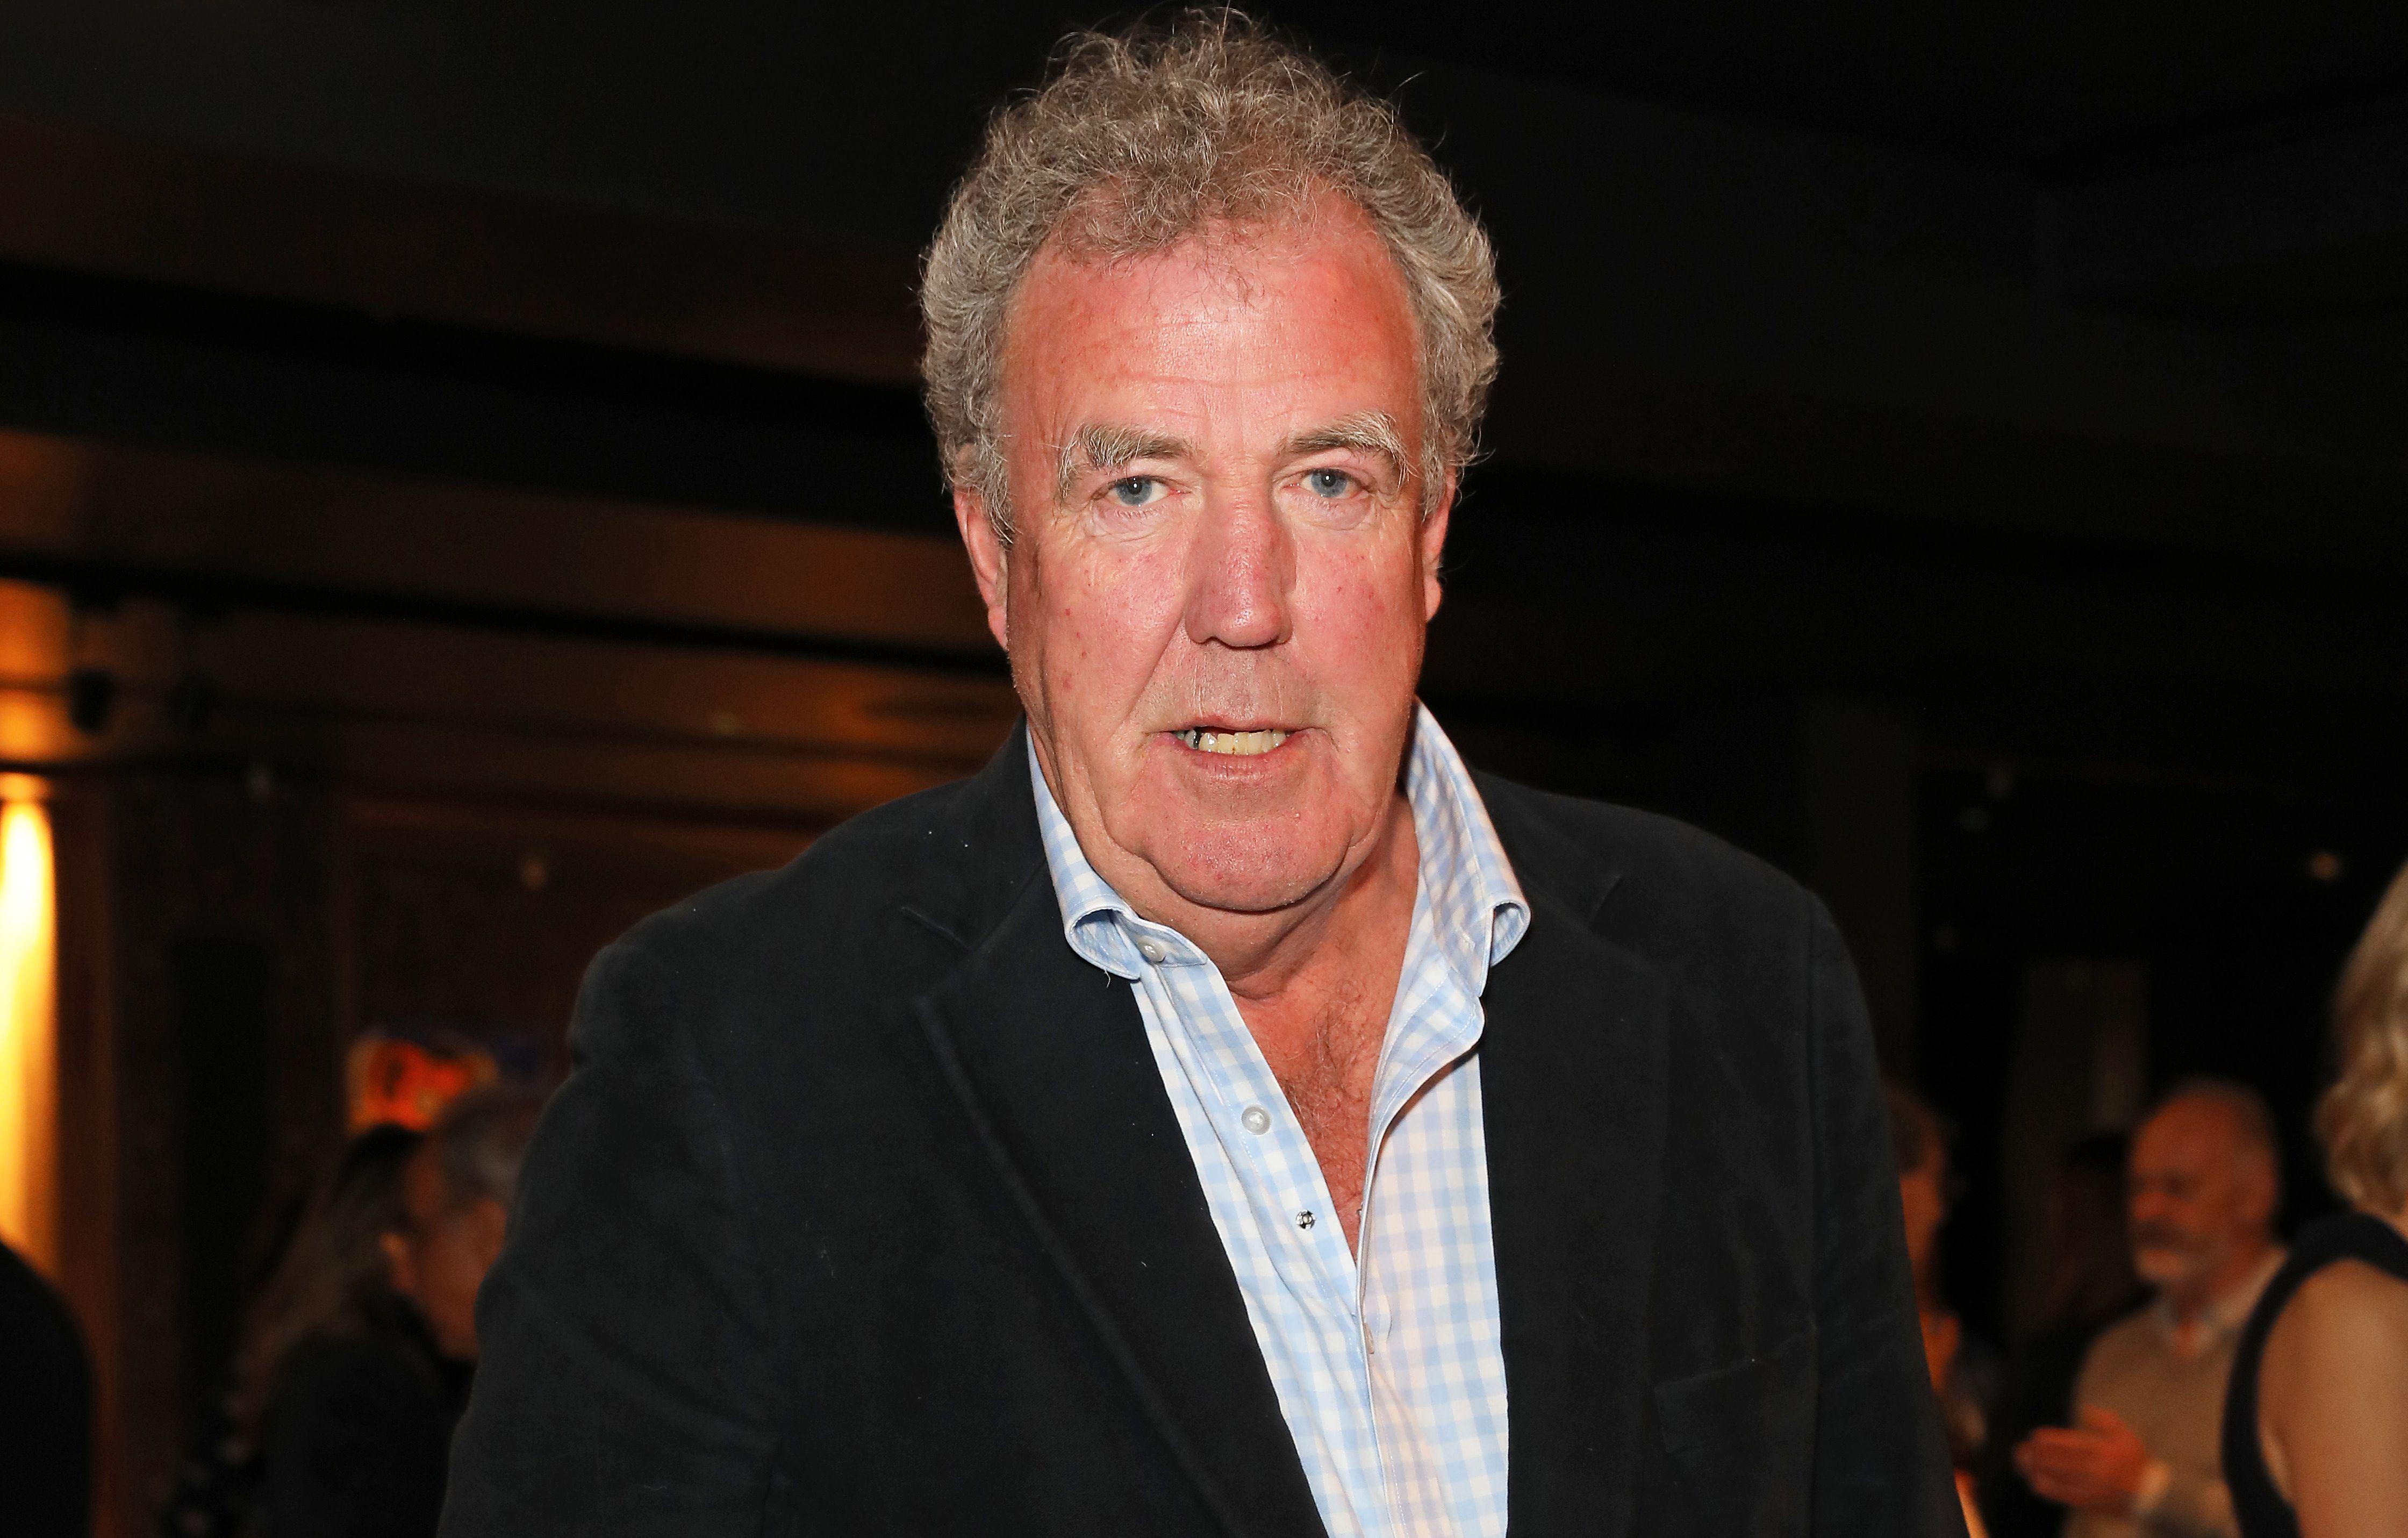 """Jeremy Clarkson s-a luptat cu coronavirusul de Crăciun. Îi era teamă că va muri """"singur, într-un cort de plastic"""""""